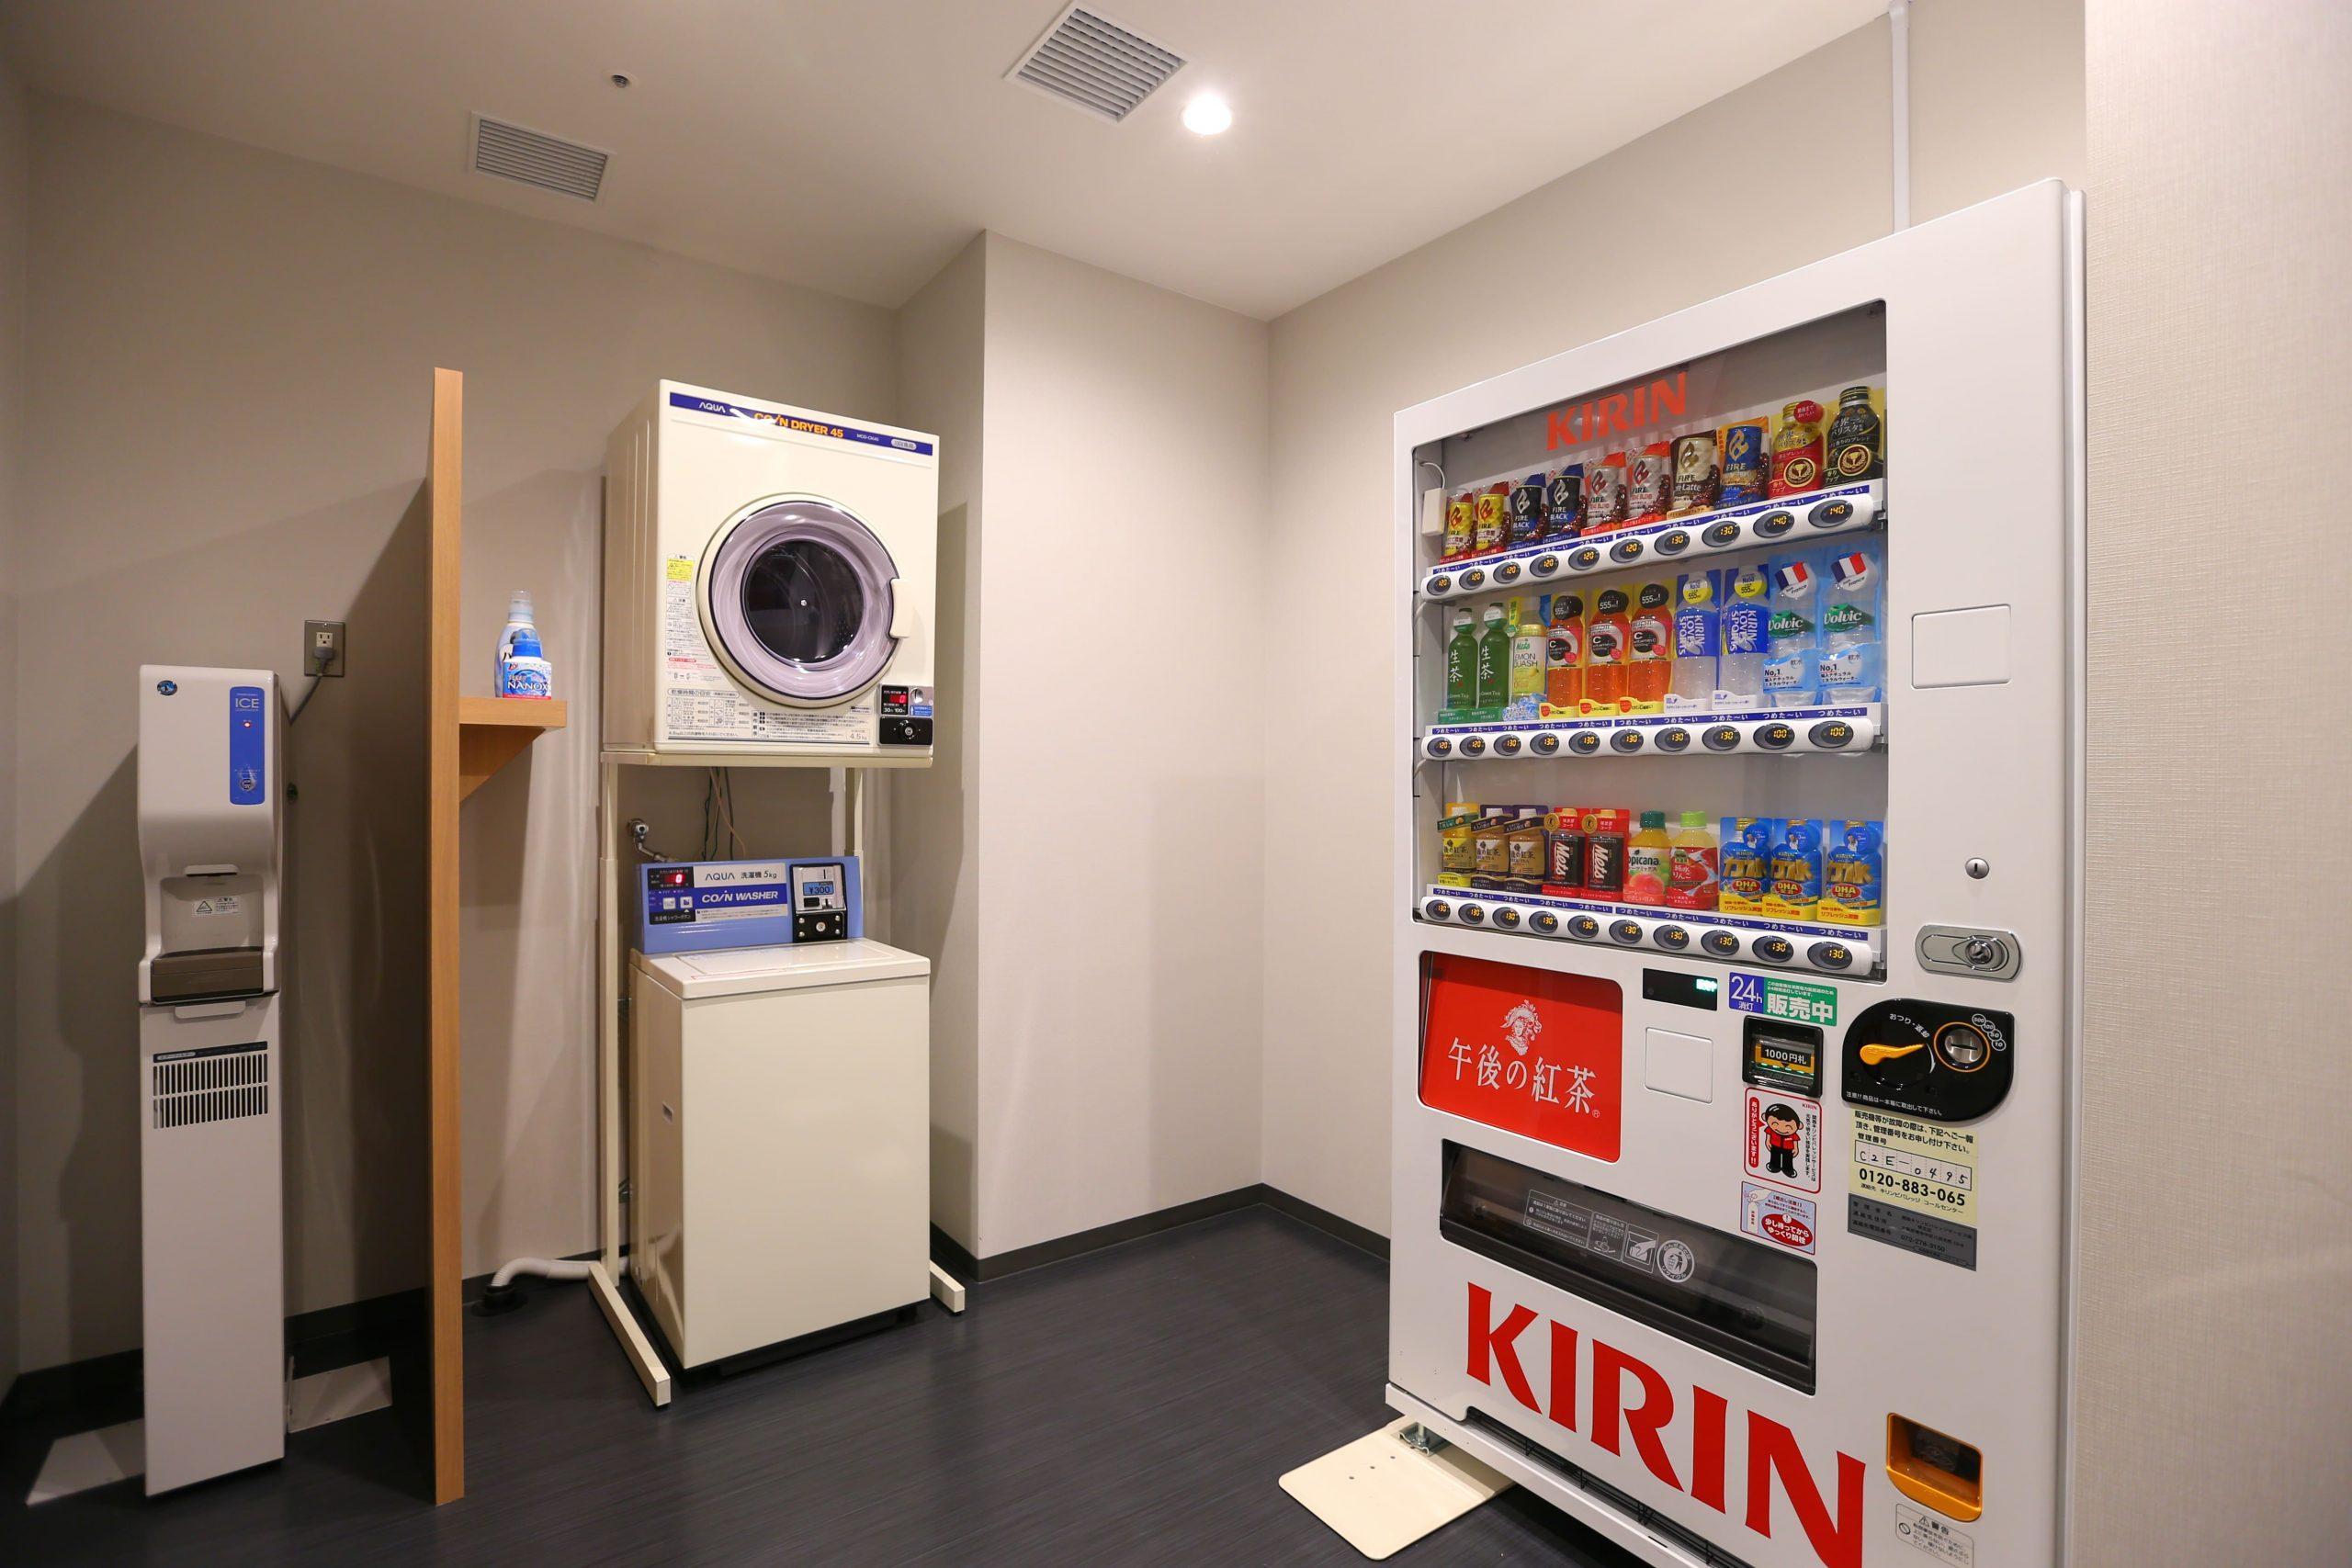 【コインランドリー】各階に洗濯機、乾燥機をご用意しております。(有料) 洗濯洗剤は無料でご用意致しております。